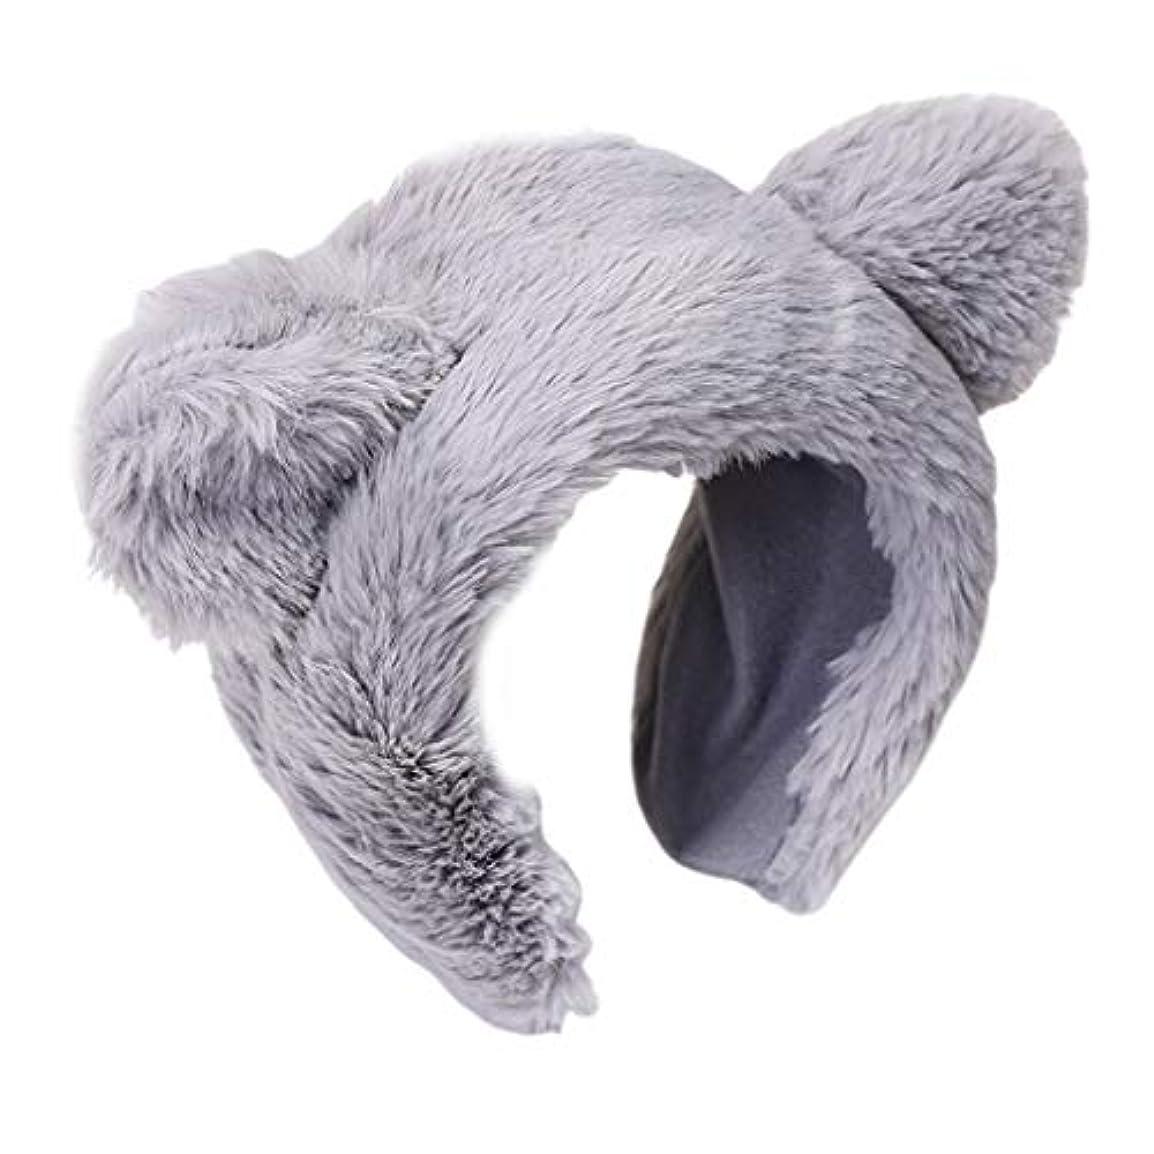 コテージ機関現実Sariyao 女性の女の子冬厚くふわふわぬいぐるみカチューシャかわいい甘い丸クマ耳ワイドヘアフープウォッシュフェイスコスプレパーティー帽子